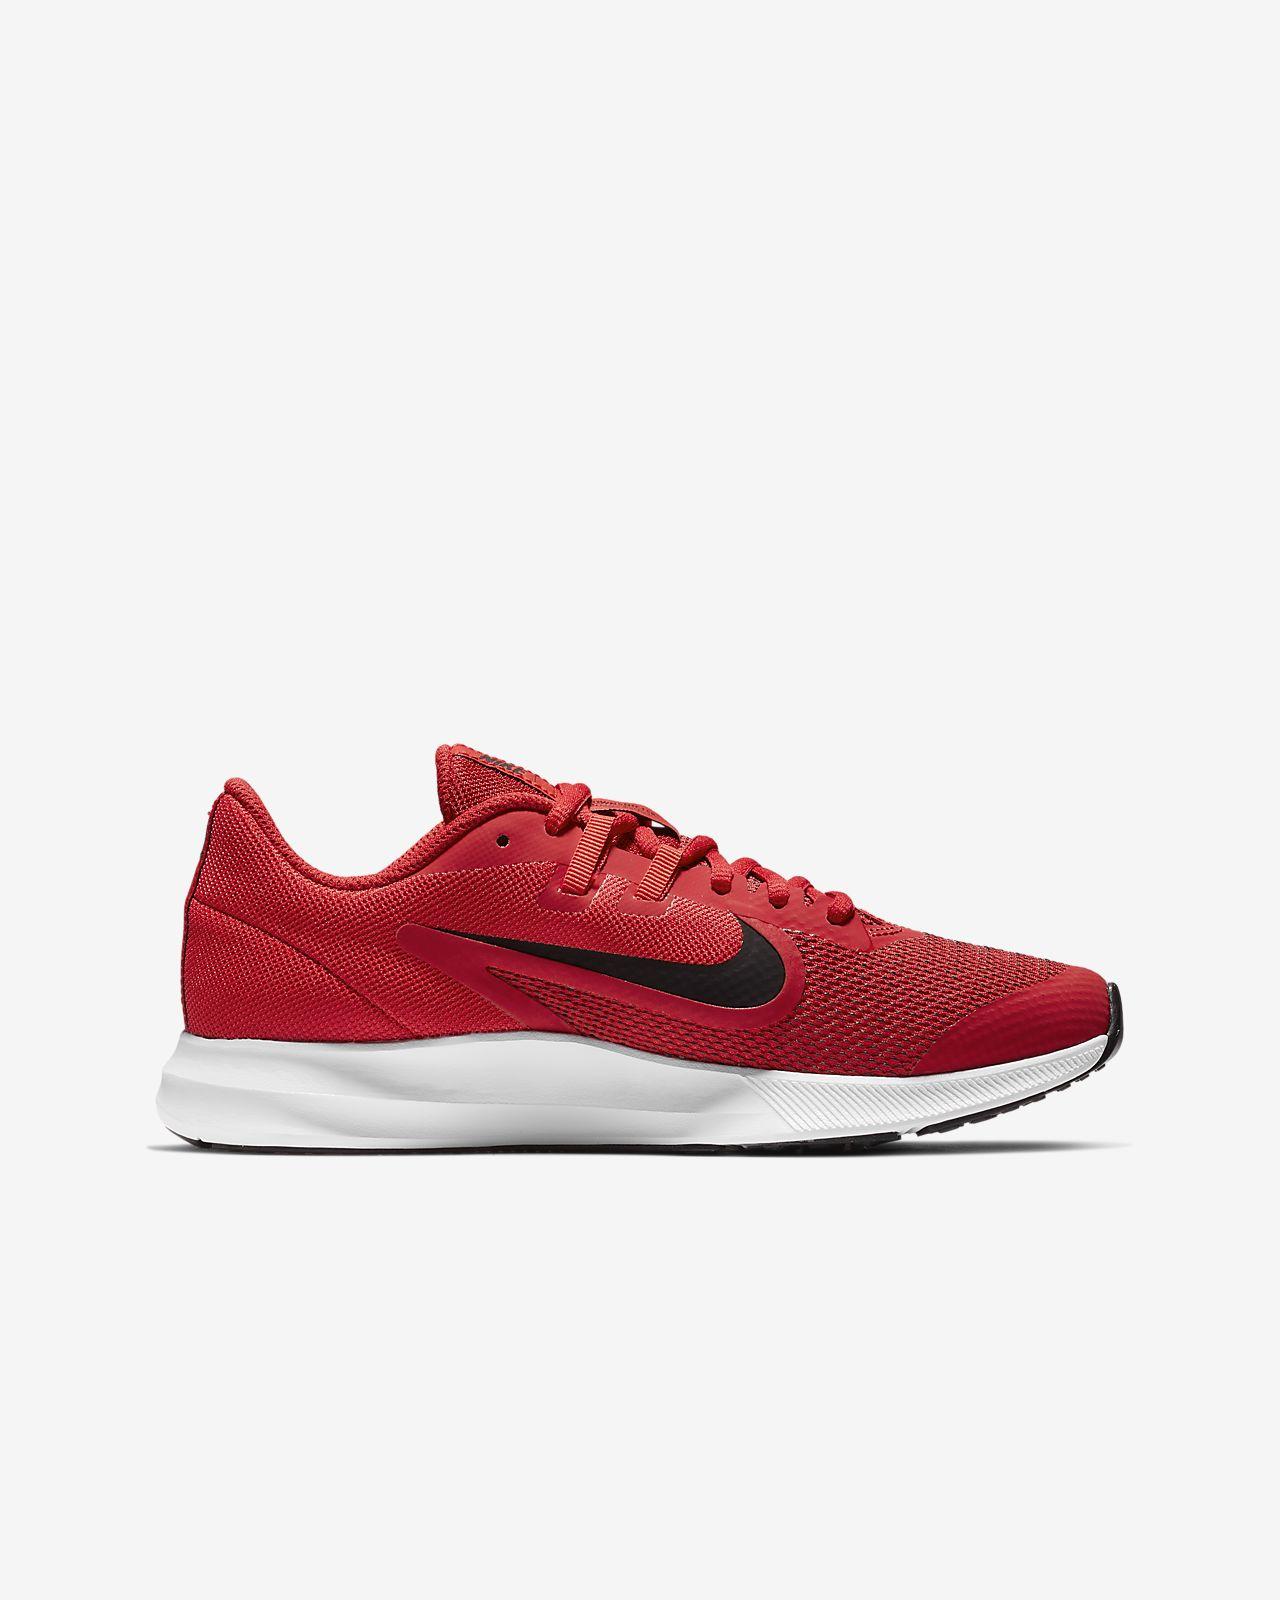 c4c96e160dfc Nike Downshifter 9 Big Kids  Running Shoe. Nike.com